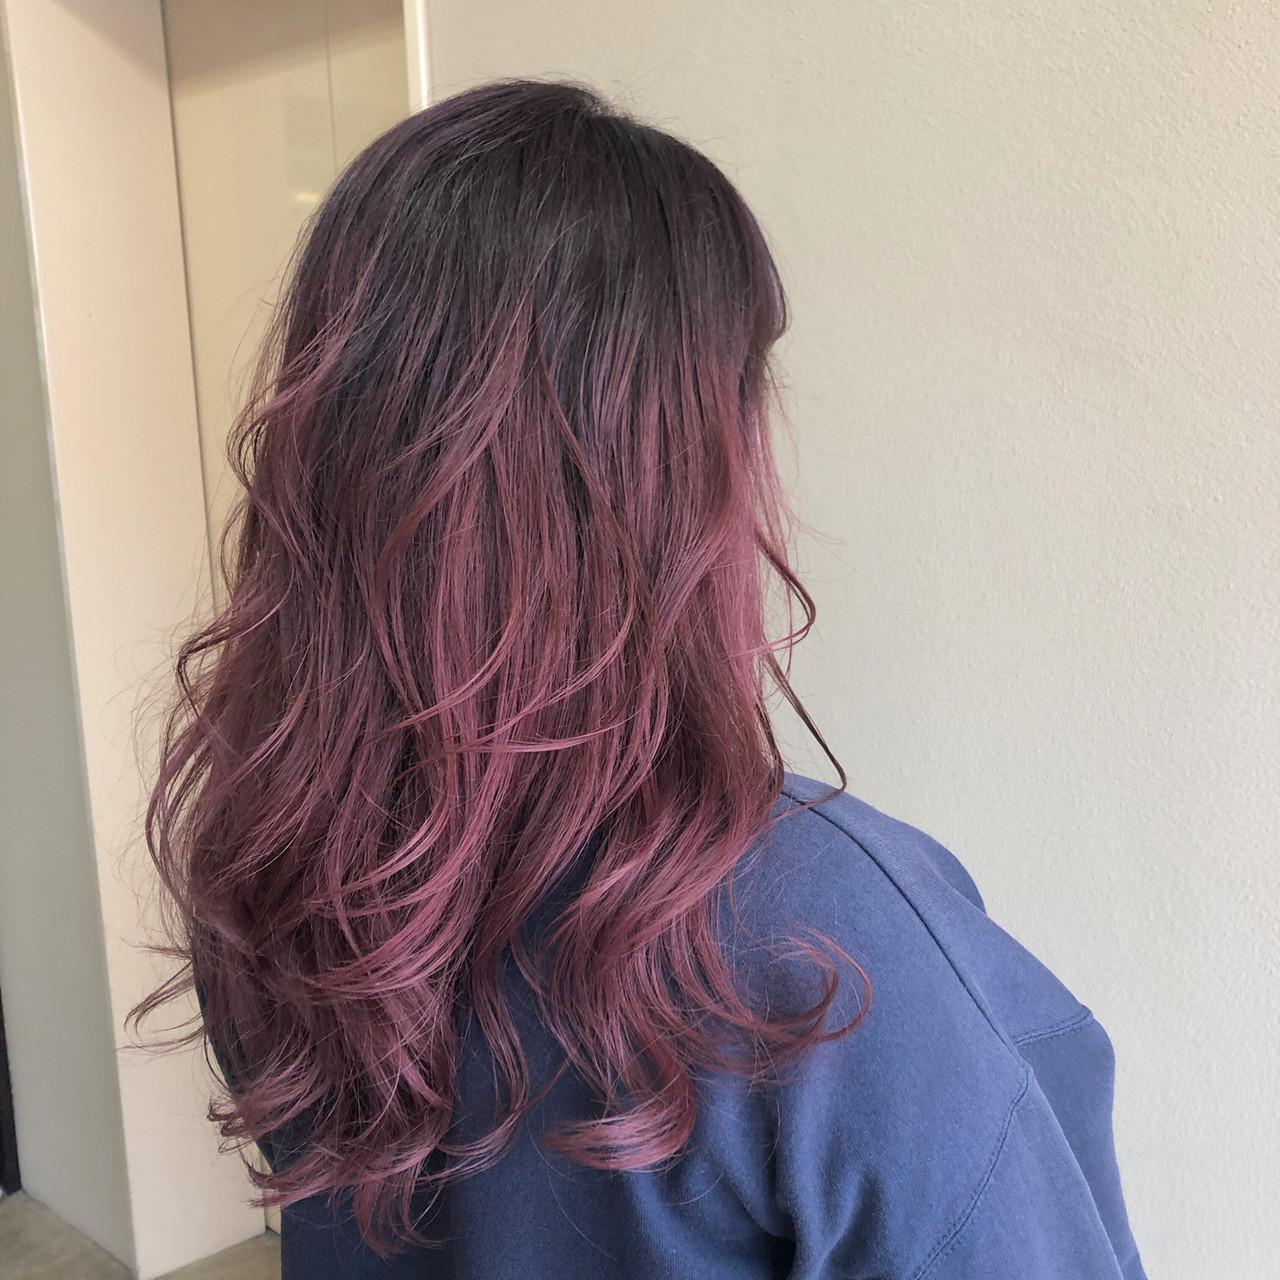 ロング ピンク 赤髪 ベリーピンク ヘアスタイルや髪型の写真・画像